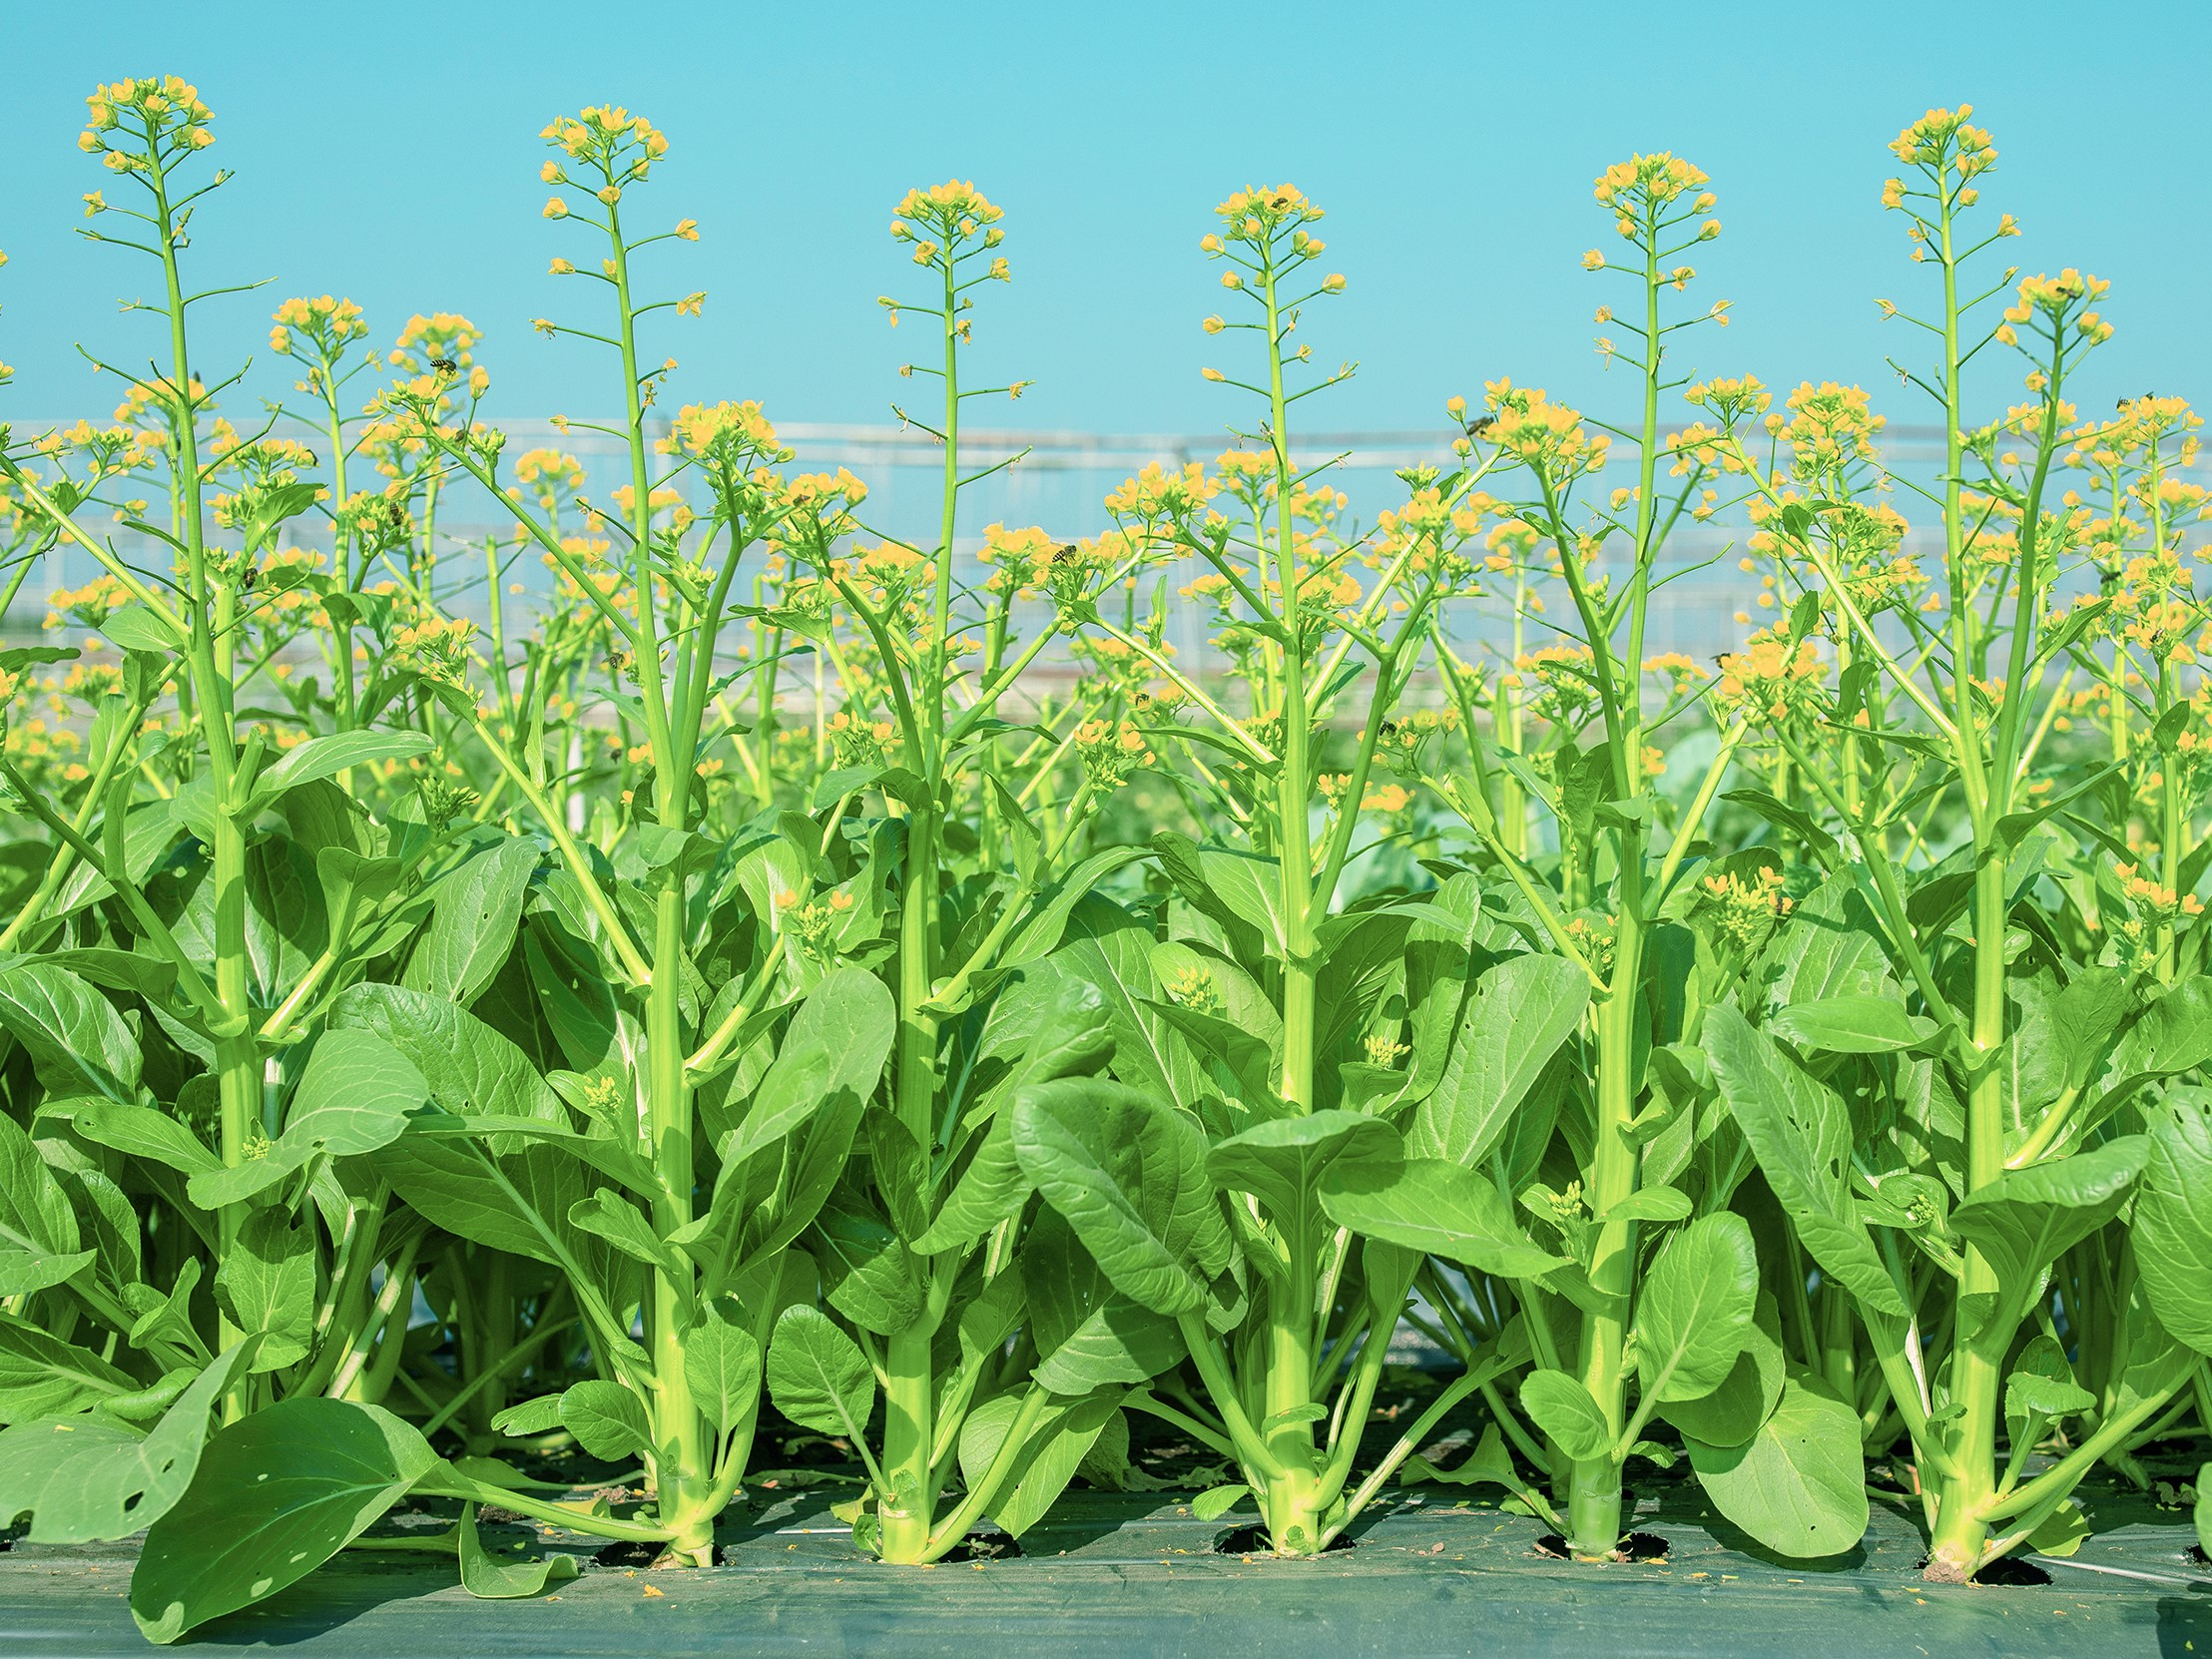 เจียไต๋ชวนปลูกกวางตุ้งดอกลูกผสมสายพันธุ์แรกของไทย ใช้เมล็ดน้อยลง ได้ผลิตผลเพิ่มขึ้นกว่าเท่าตัว สำนักพิมพ์แม่บ้าน